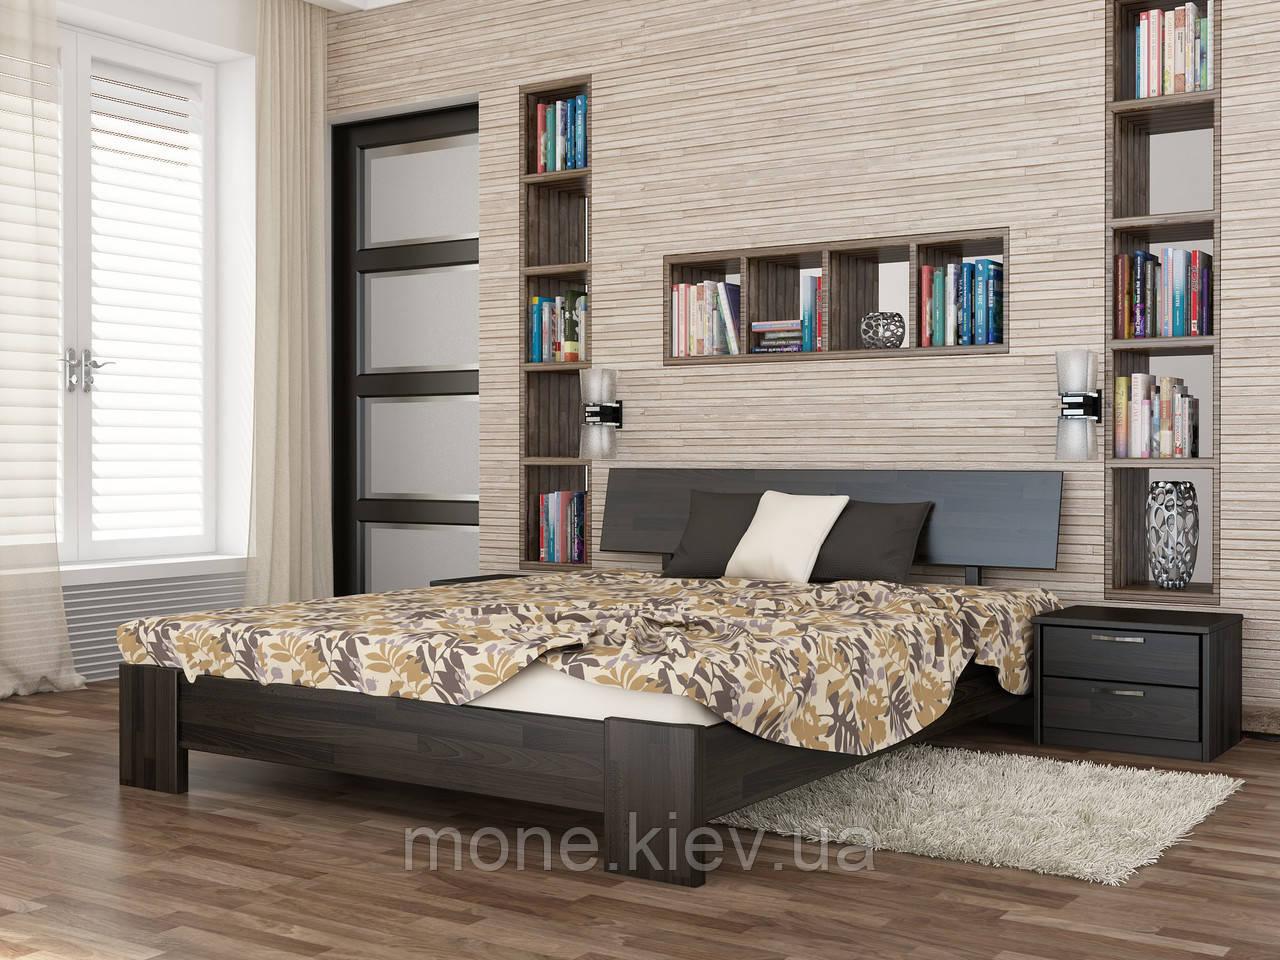 Ліжко полуторне Титан дерев'яні з бука